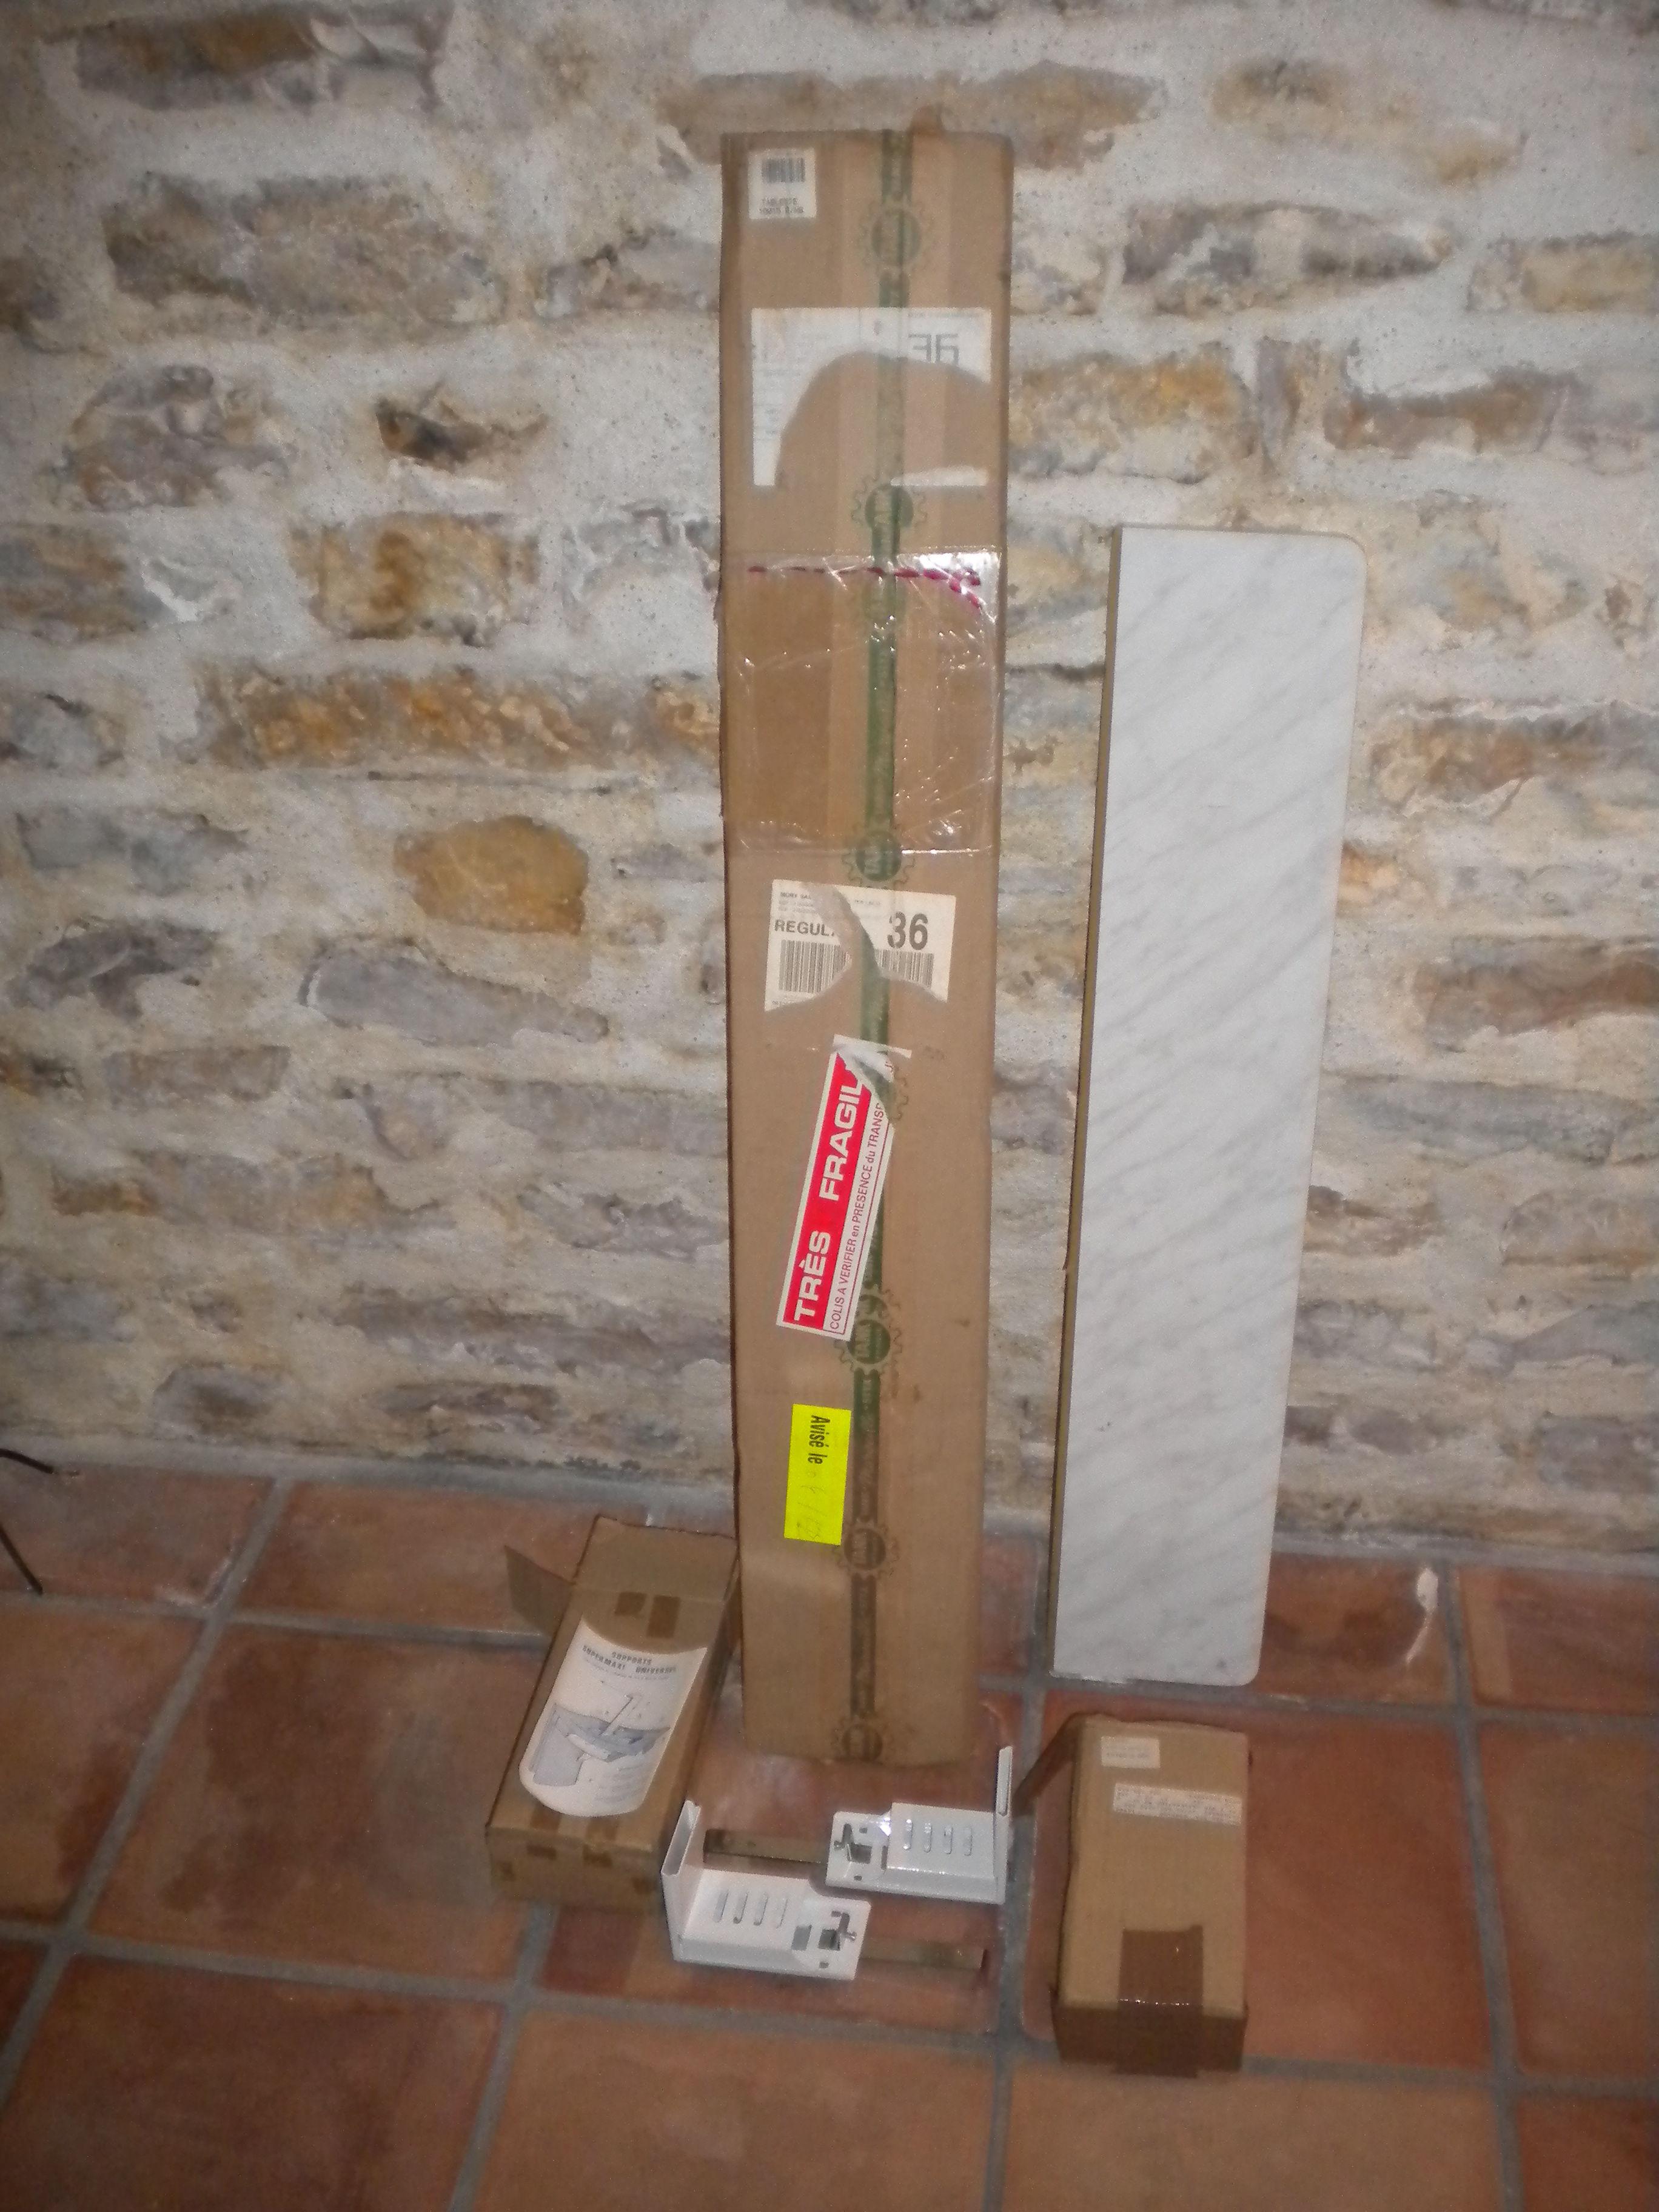 radiateurs occasion annonces achat et vente de radiateurs paruvendu mondebarras page 2. Black Bedroom Furniture Sets. Home Design Ideas